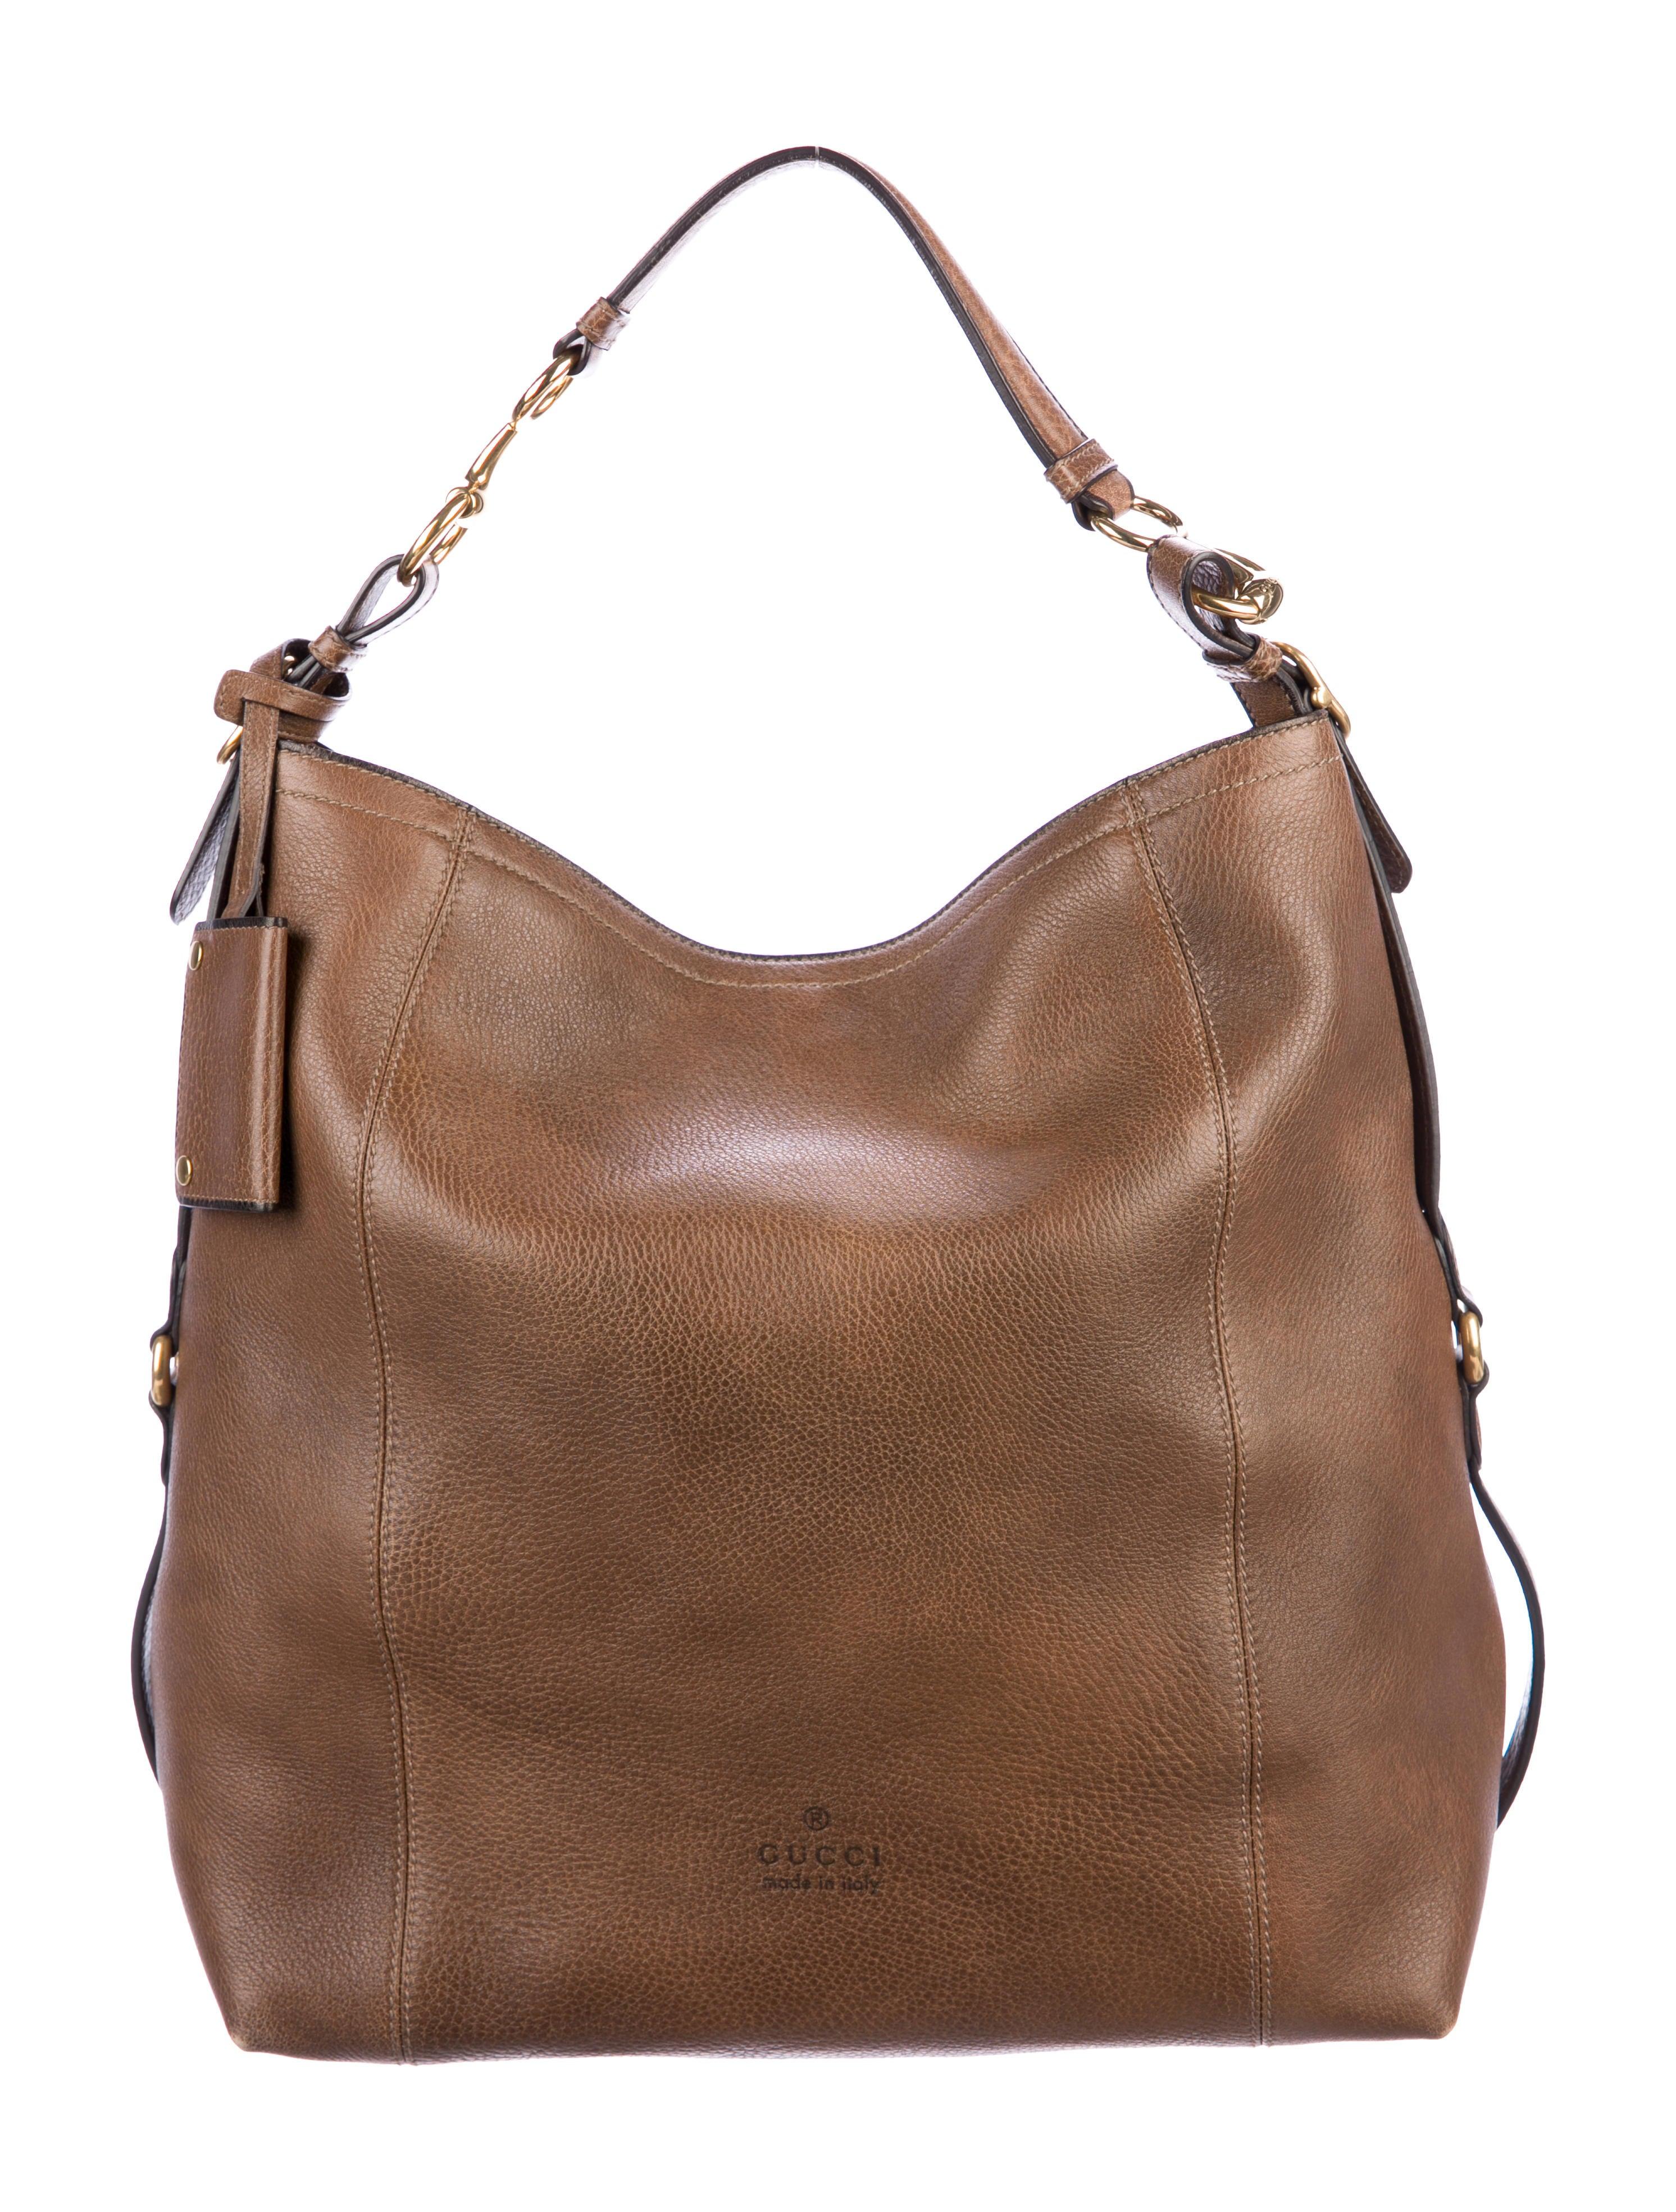 847507bf381a Gucci Large Harness Hobo - Handbags - GUC265857   The RealReal